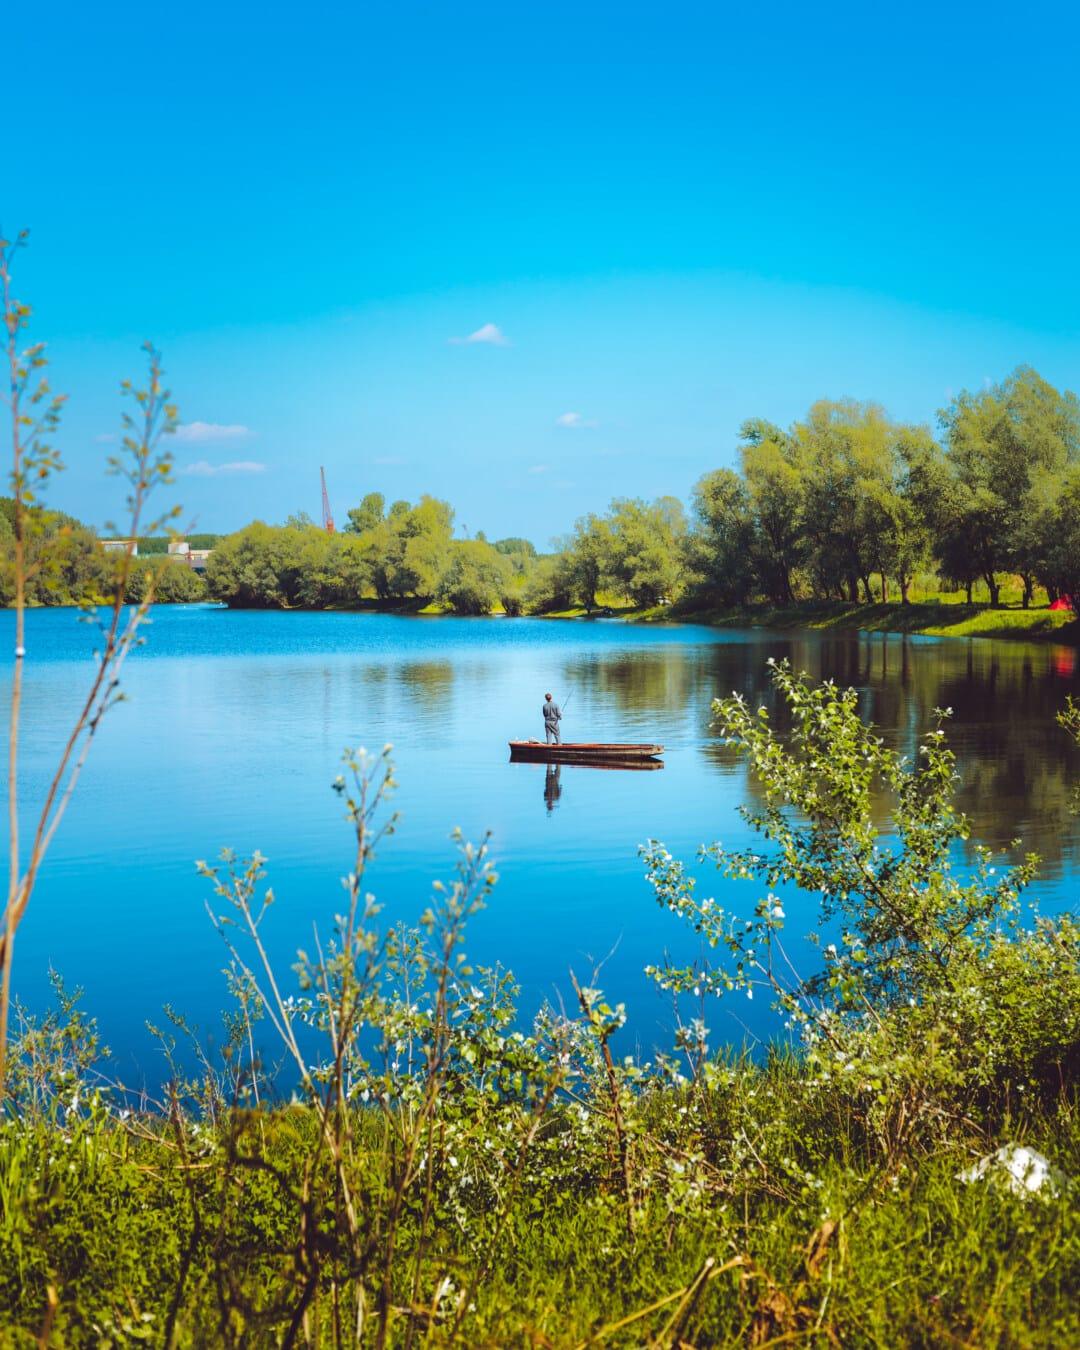 Fischer, Angeln, Angelboot/Fischerboot, Natur, Landschaft, Wasser, am See, See, Ufer, im freien